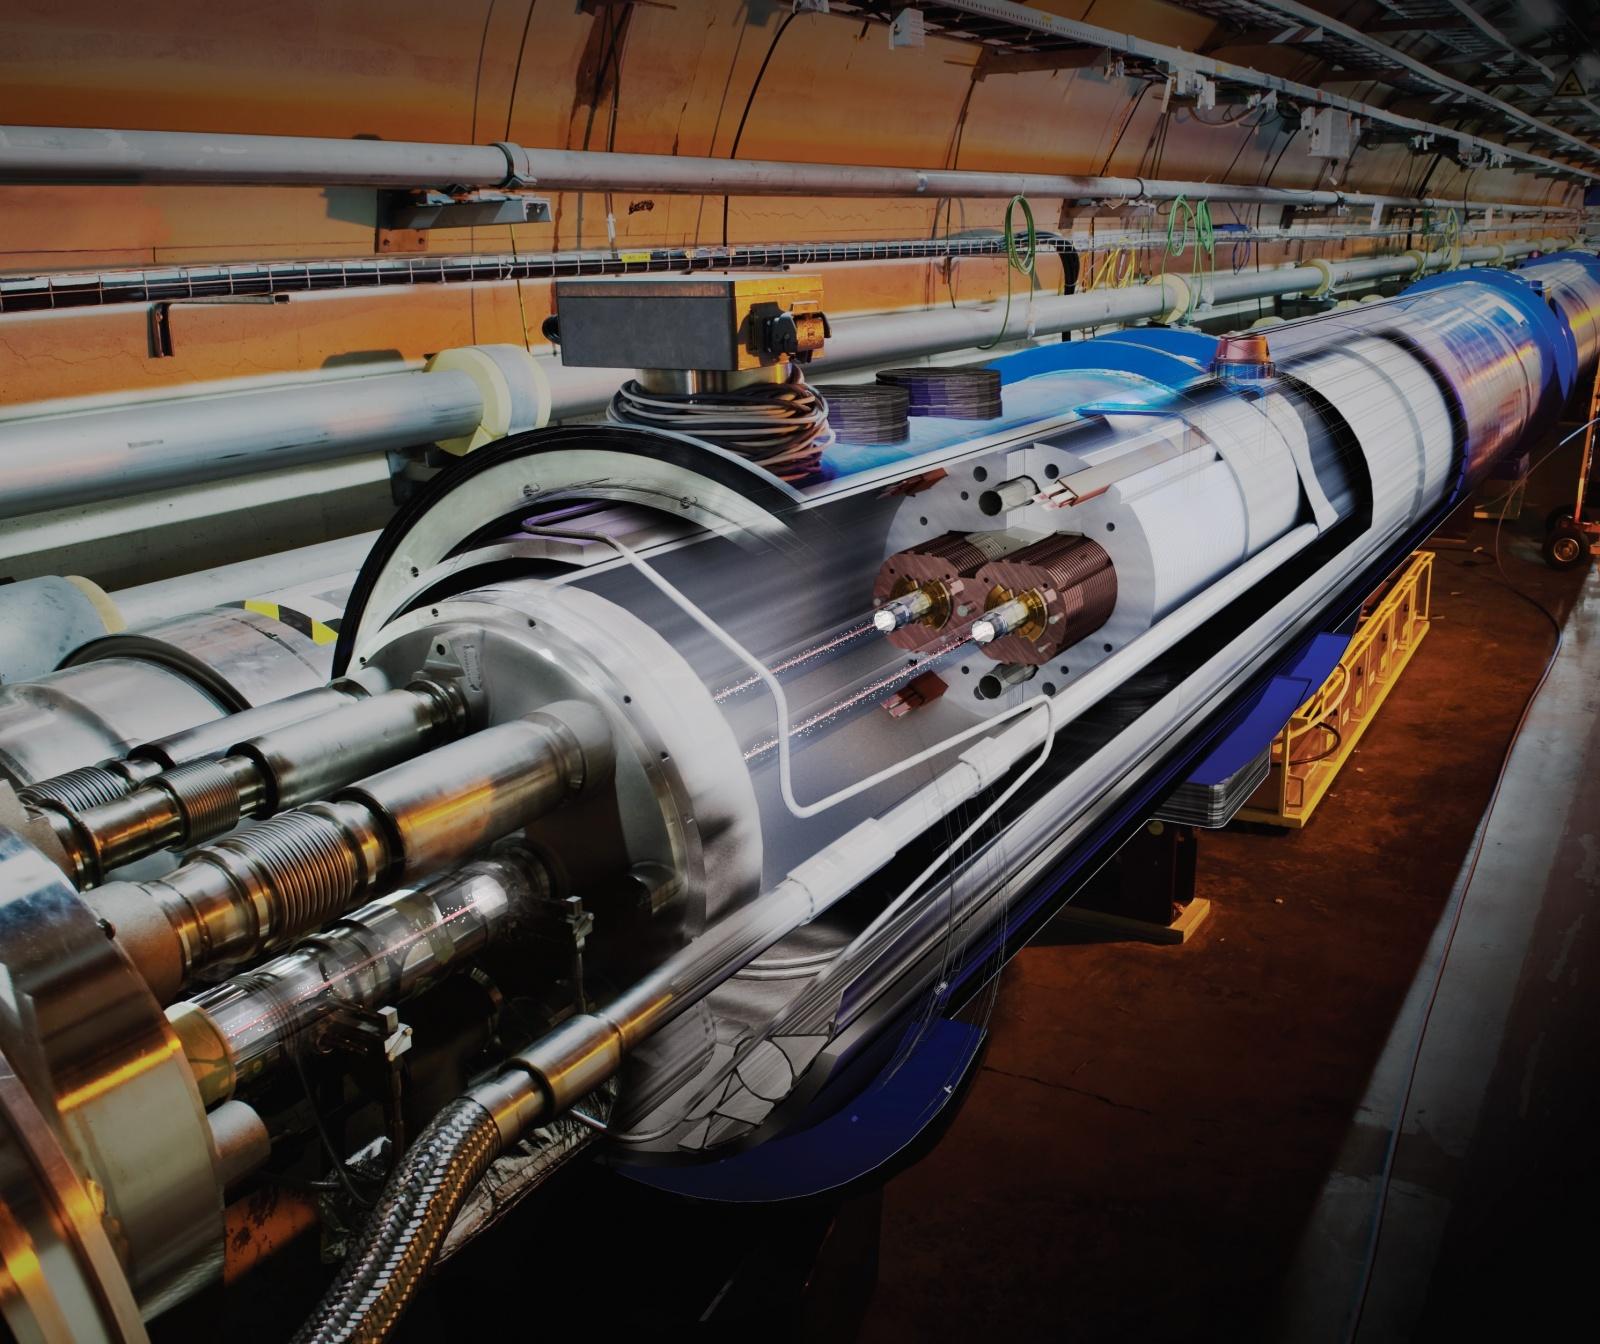 Анализ срывов сверхпроводимости магнитов Большого адронного коллайдера в CERN - 1